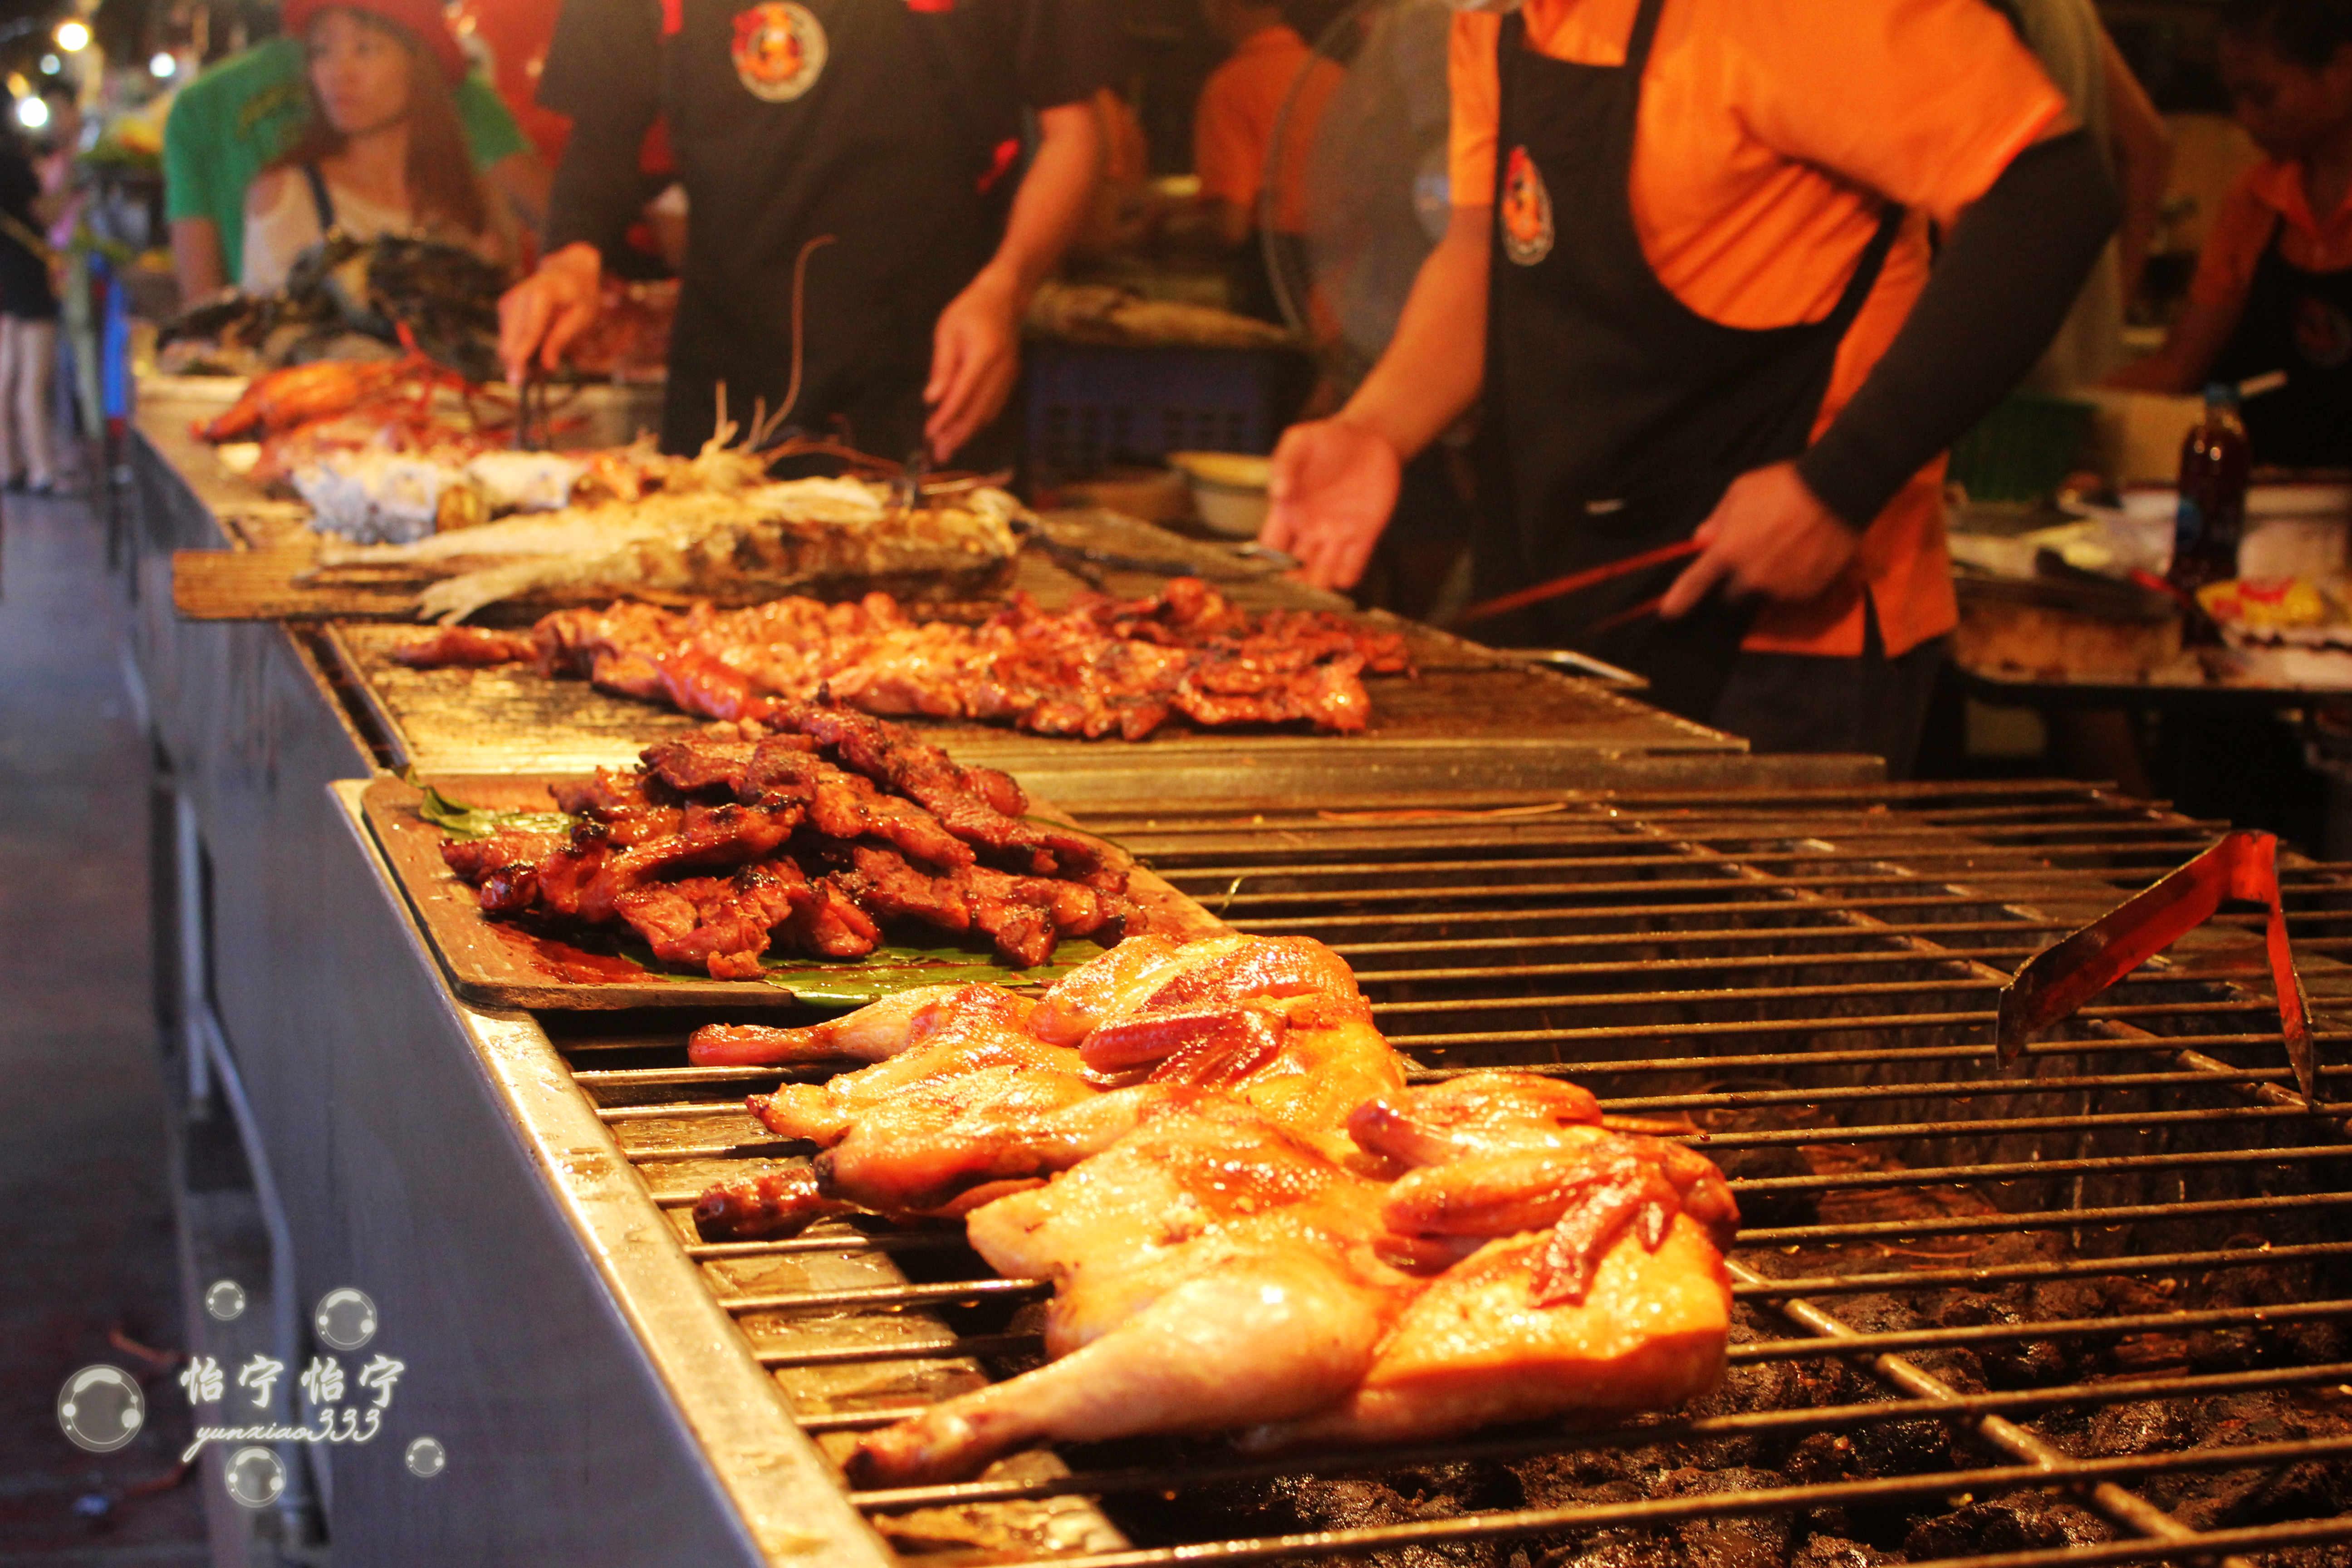 曼谷傲瓦水上美食攻略市场珍品v美食青蛙获得攻略图片